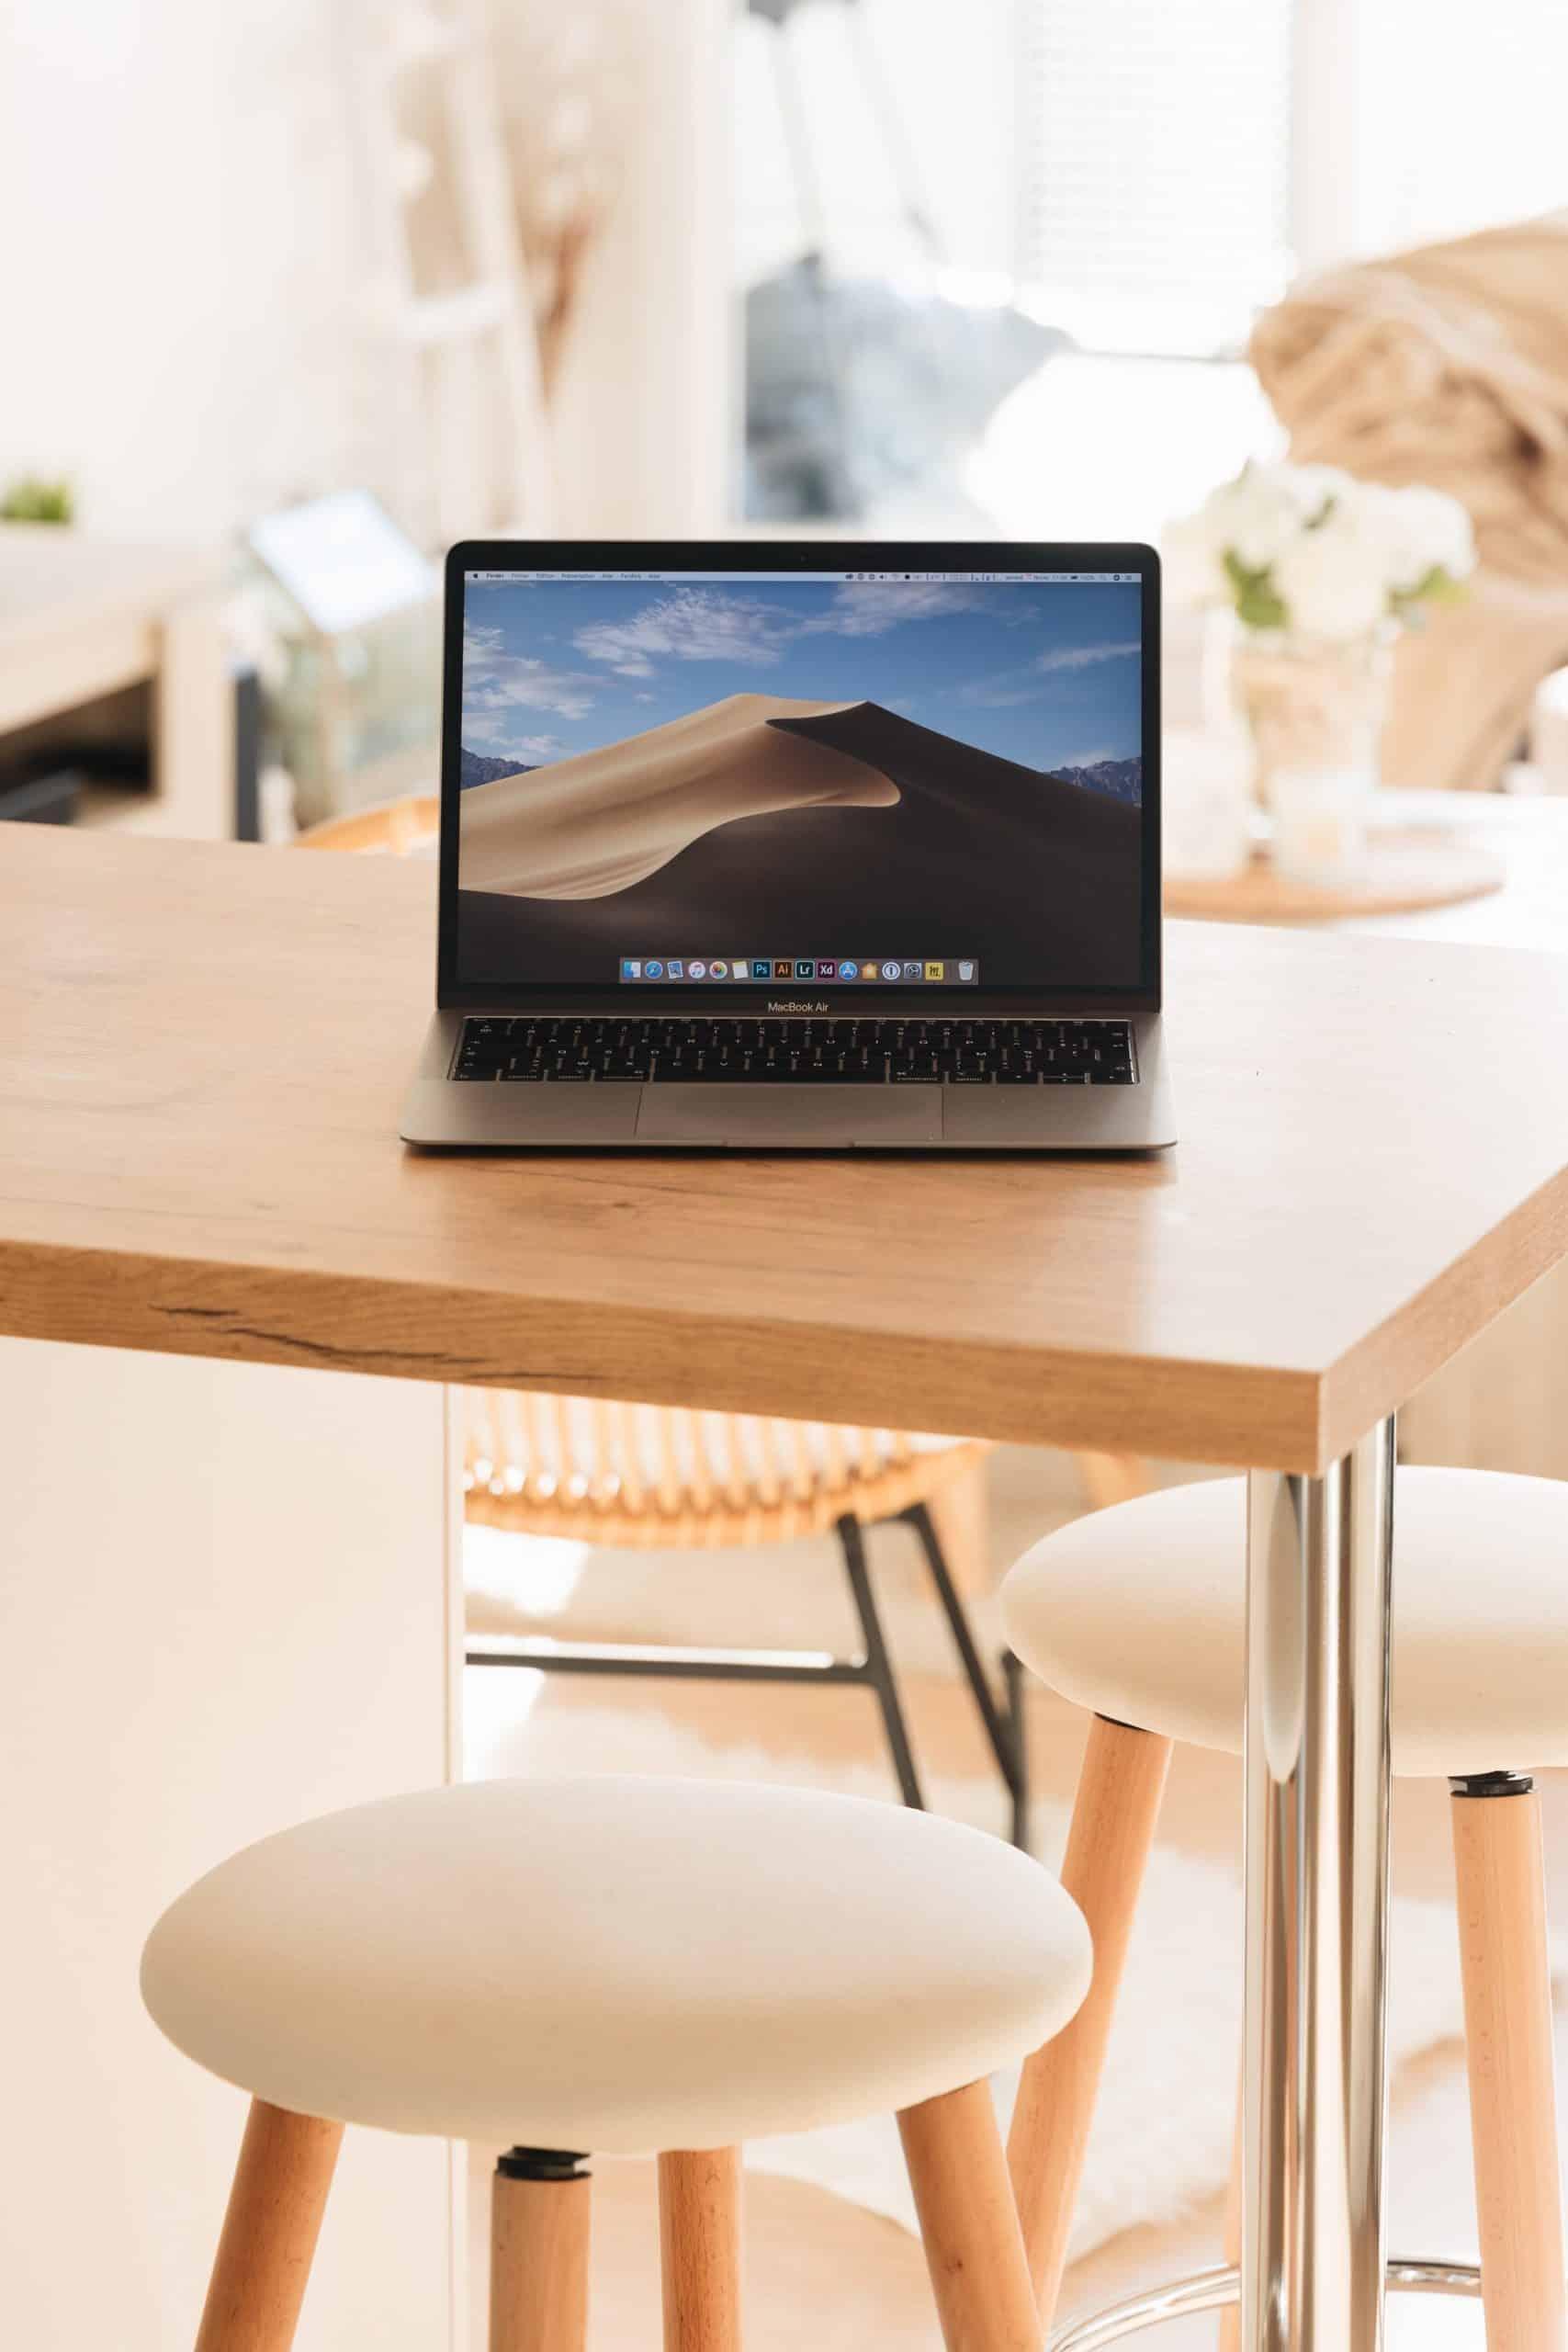 Mac VPN Guide Article Image